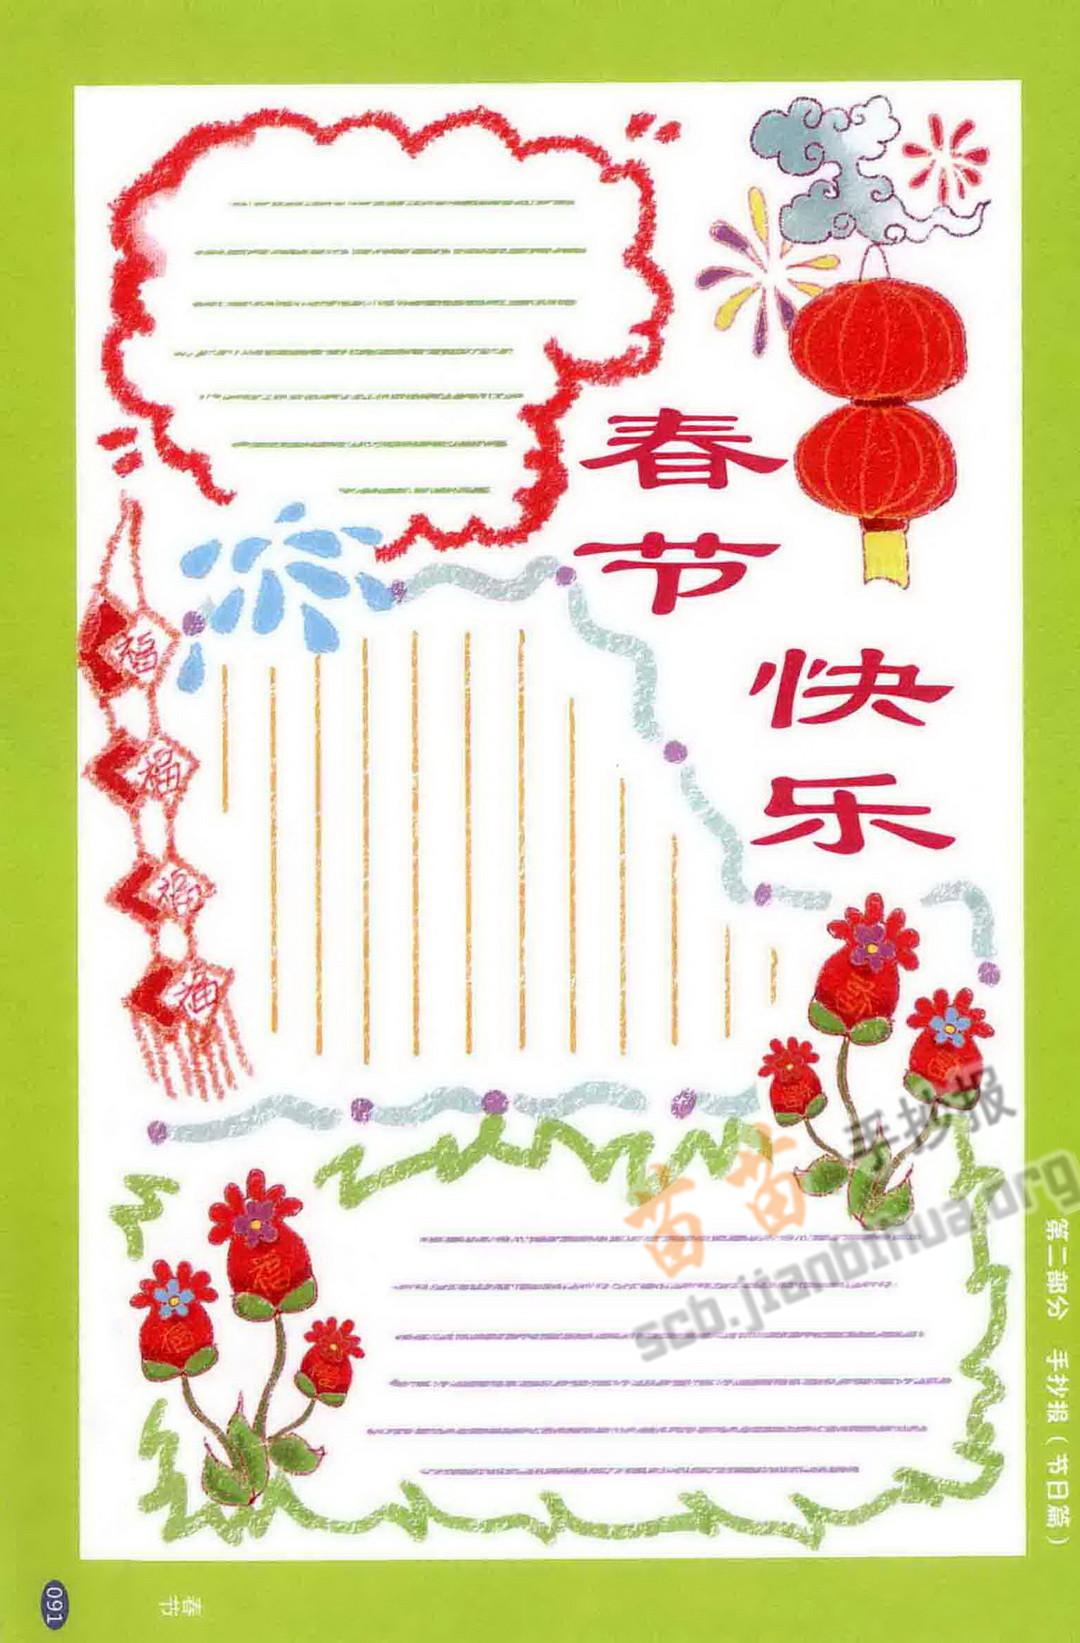 春节快乐手抄报图片